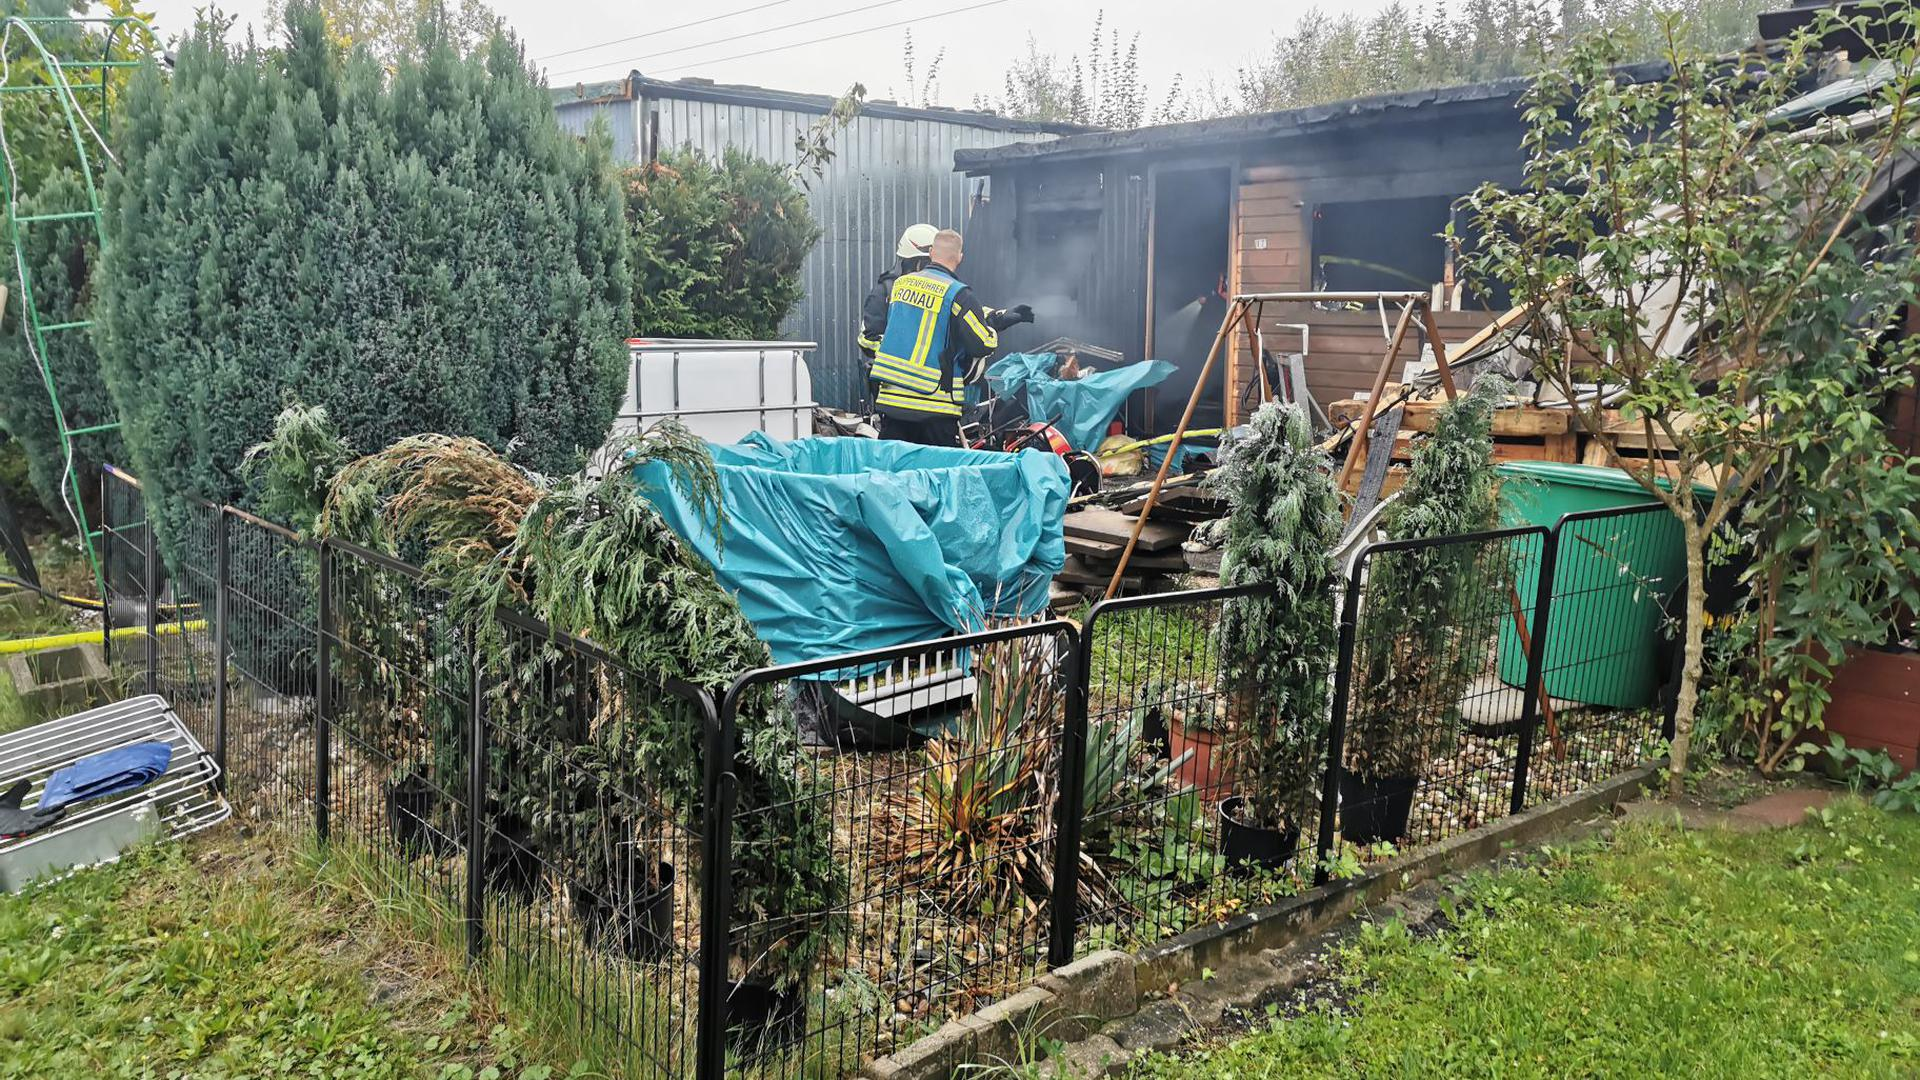 Bei dem Brand einer Hütte auf einem Kronauer Campingplatz ist am Donnerstagmorgen ein Mann ums Leben gekommen. Nachbarn hatten noch versucht, mit Gartenschläuchen zu löschen.